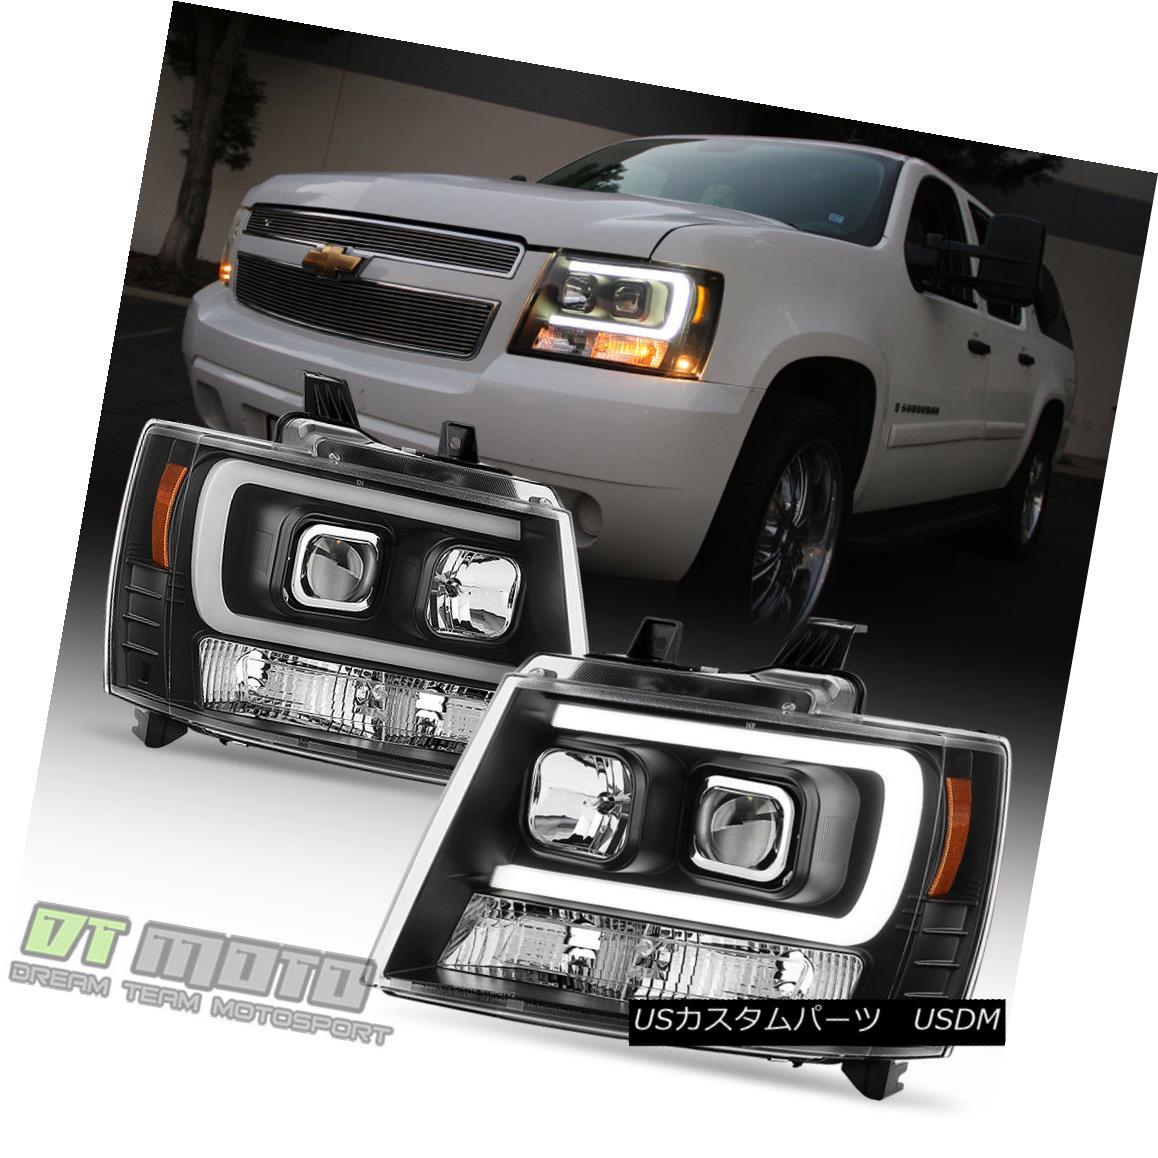 ヘッドライト Blk 2007-2014 Chevy Suburban Tahoe Avalanche OPTIC DRL LED Projector Headlights Blk 2007-2014シボレー郊外タホアバランシェOPTIC DRL LEDプロジェクターヘッドライト